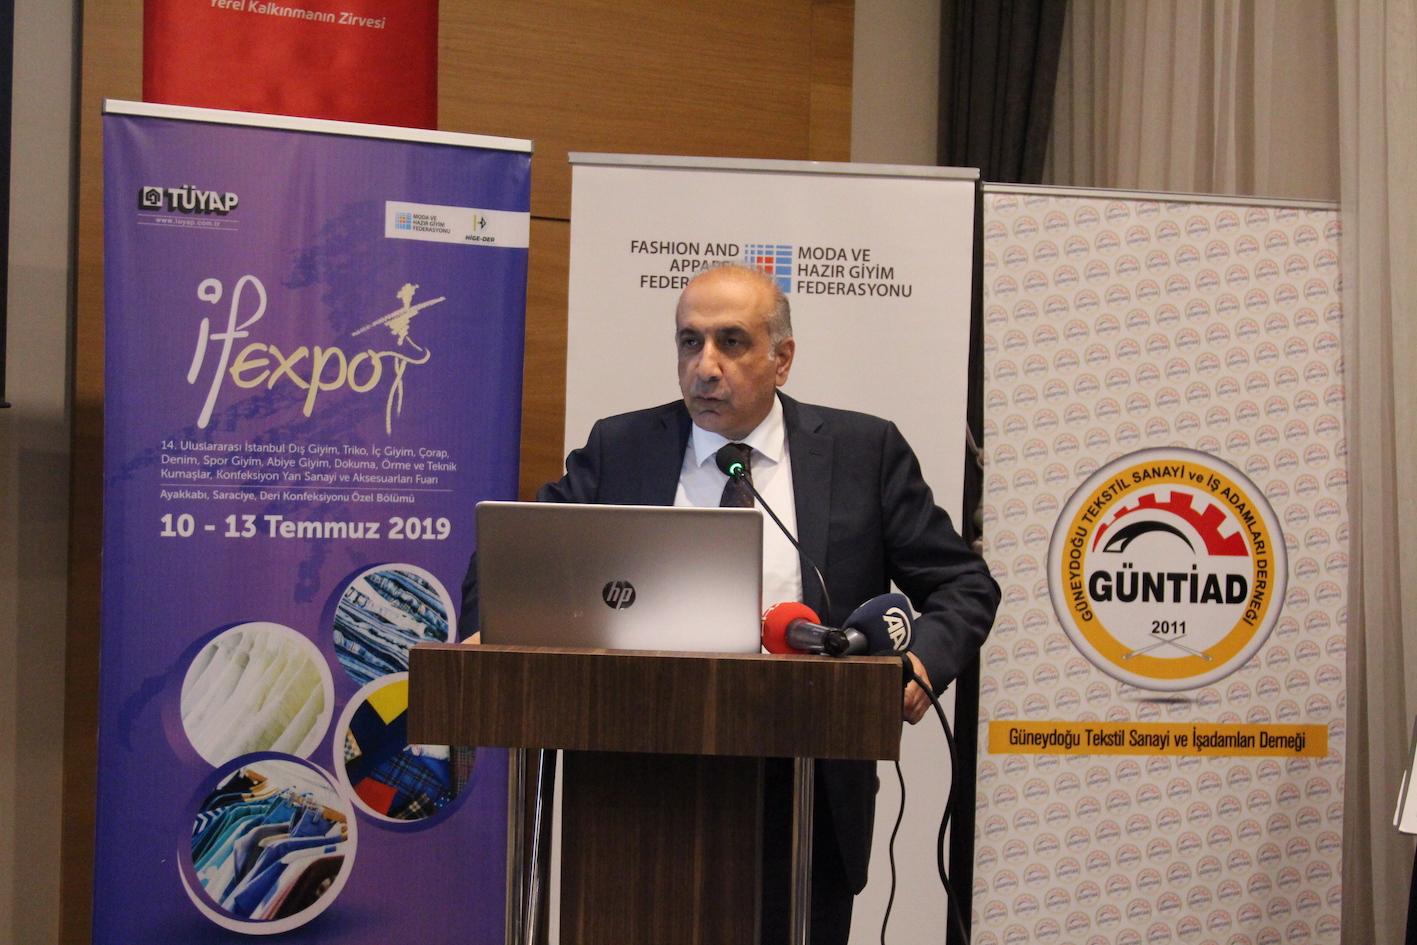 İFEXPO Fuarı'nın Anadolu tanıtımı Diyarbakır'dan başladı